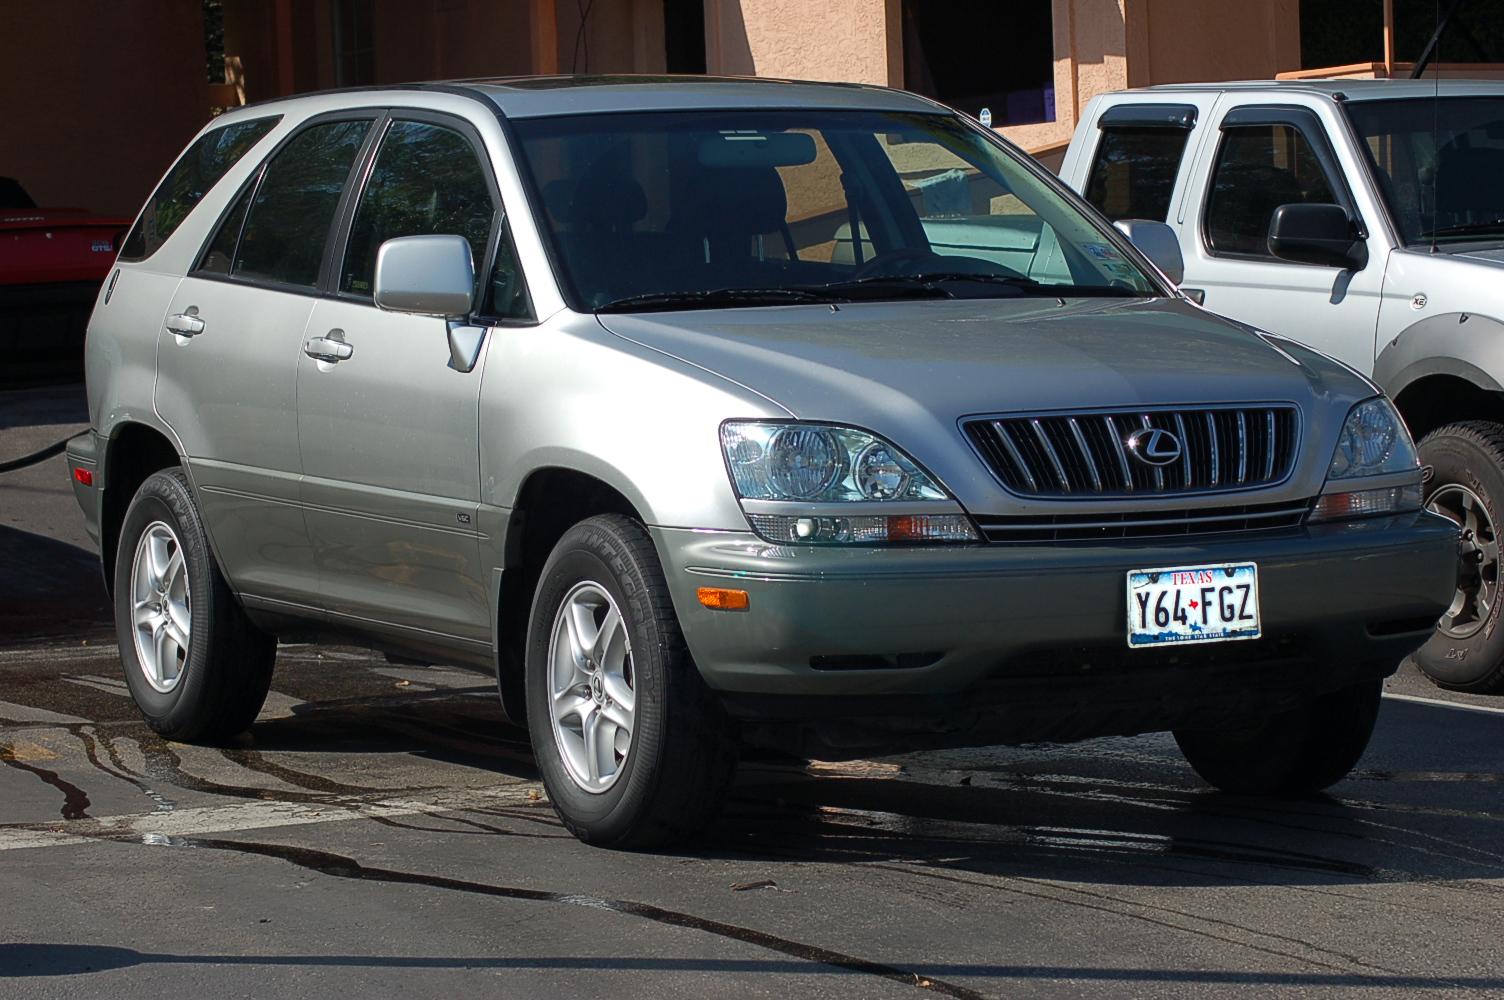 Lexus Rx >> 2002 LEXUS RX 300 - Image #7